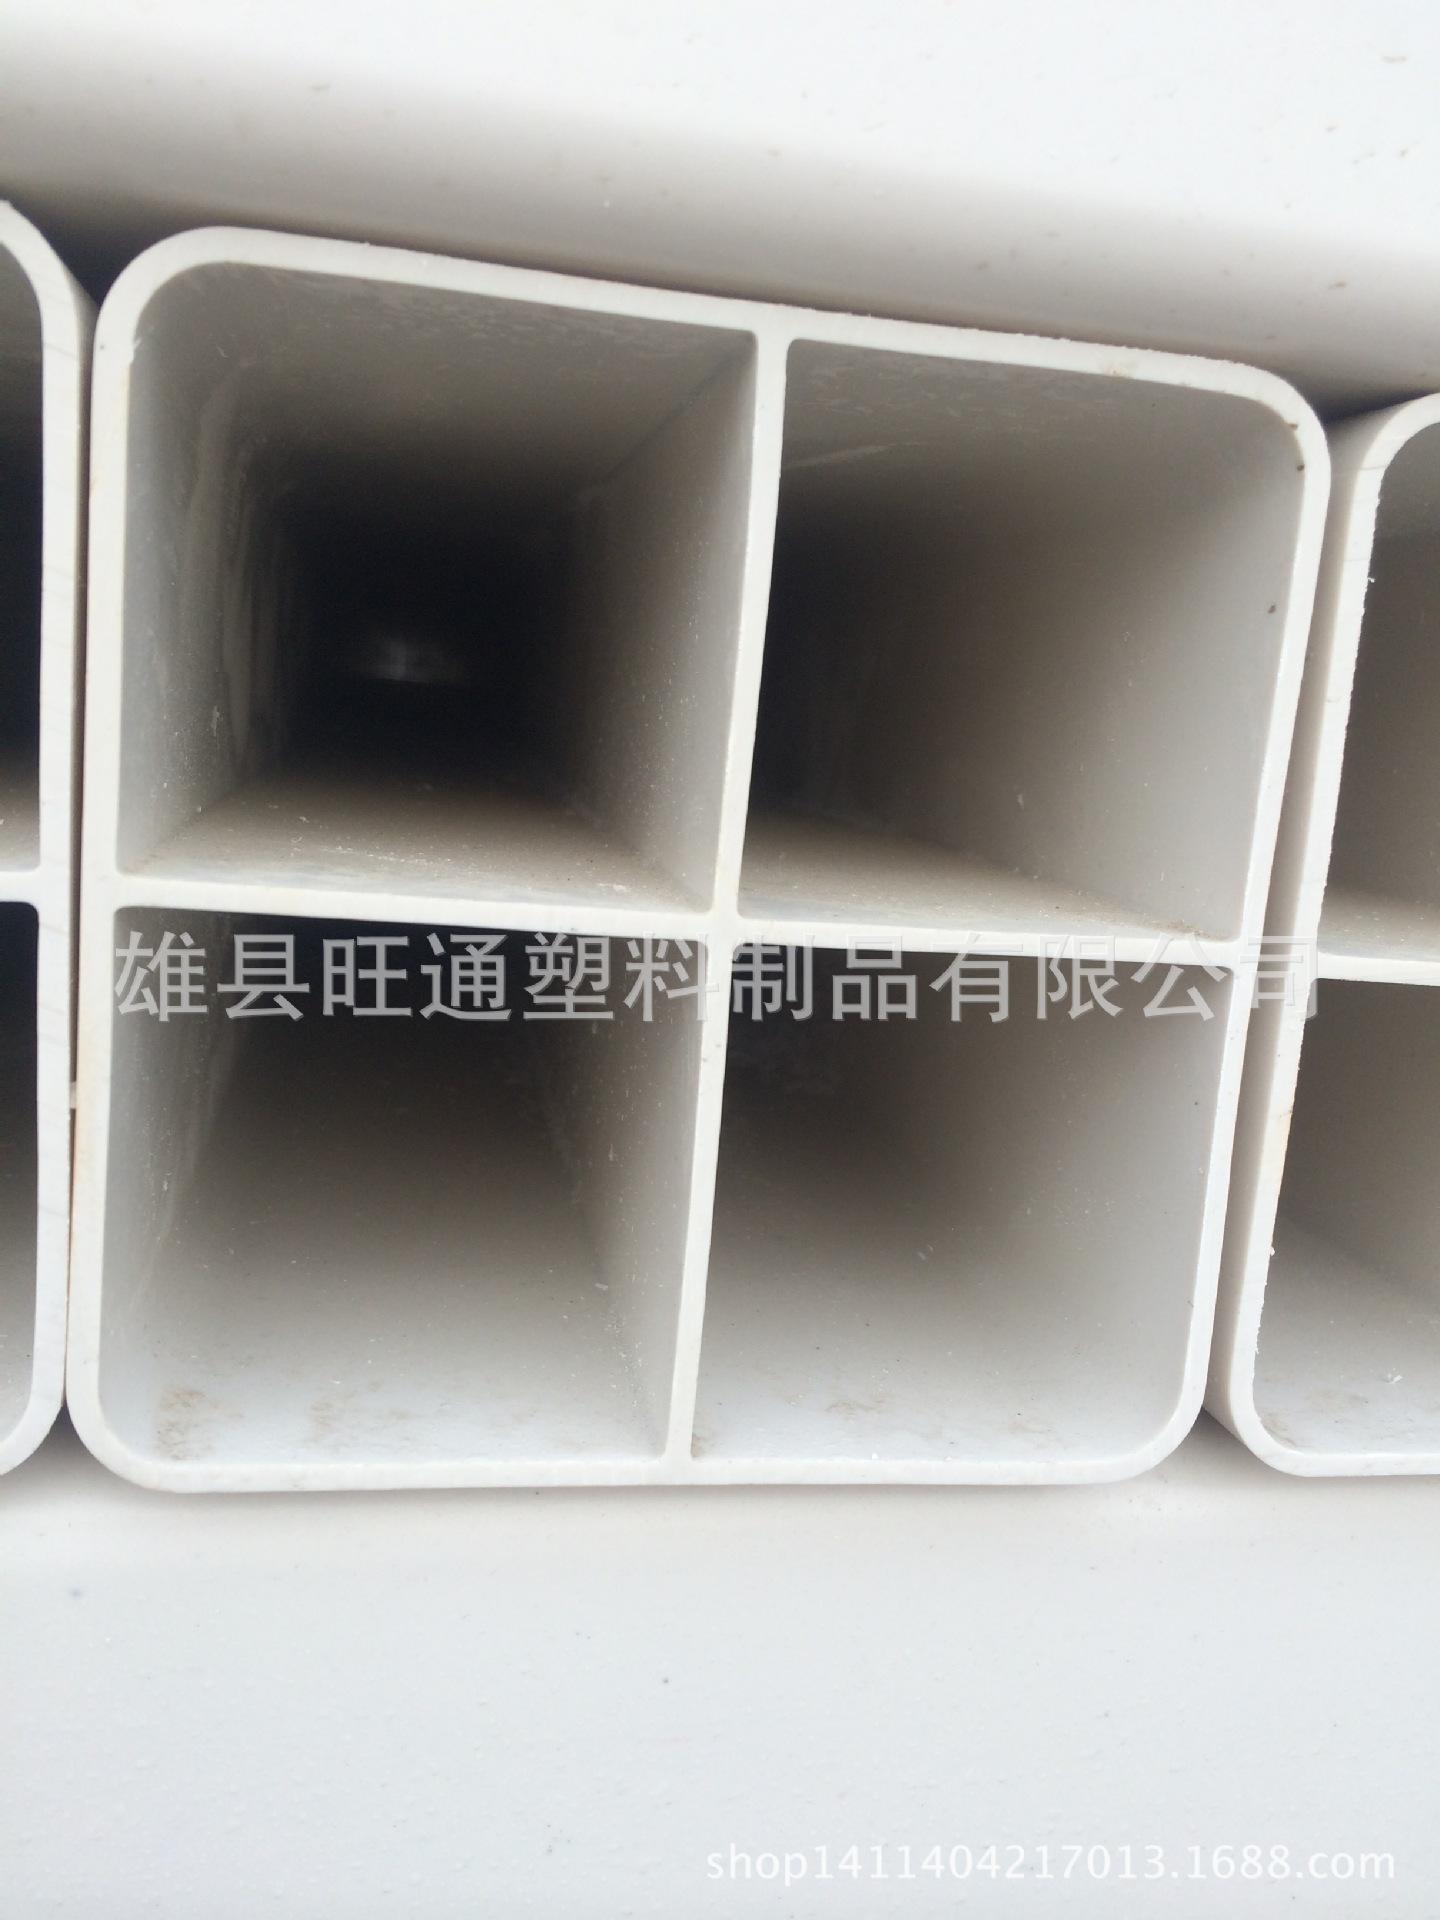 四孔格柵管,庫存充足,質量優、價格低,免費提供樣品【圖】